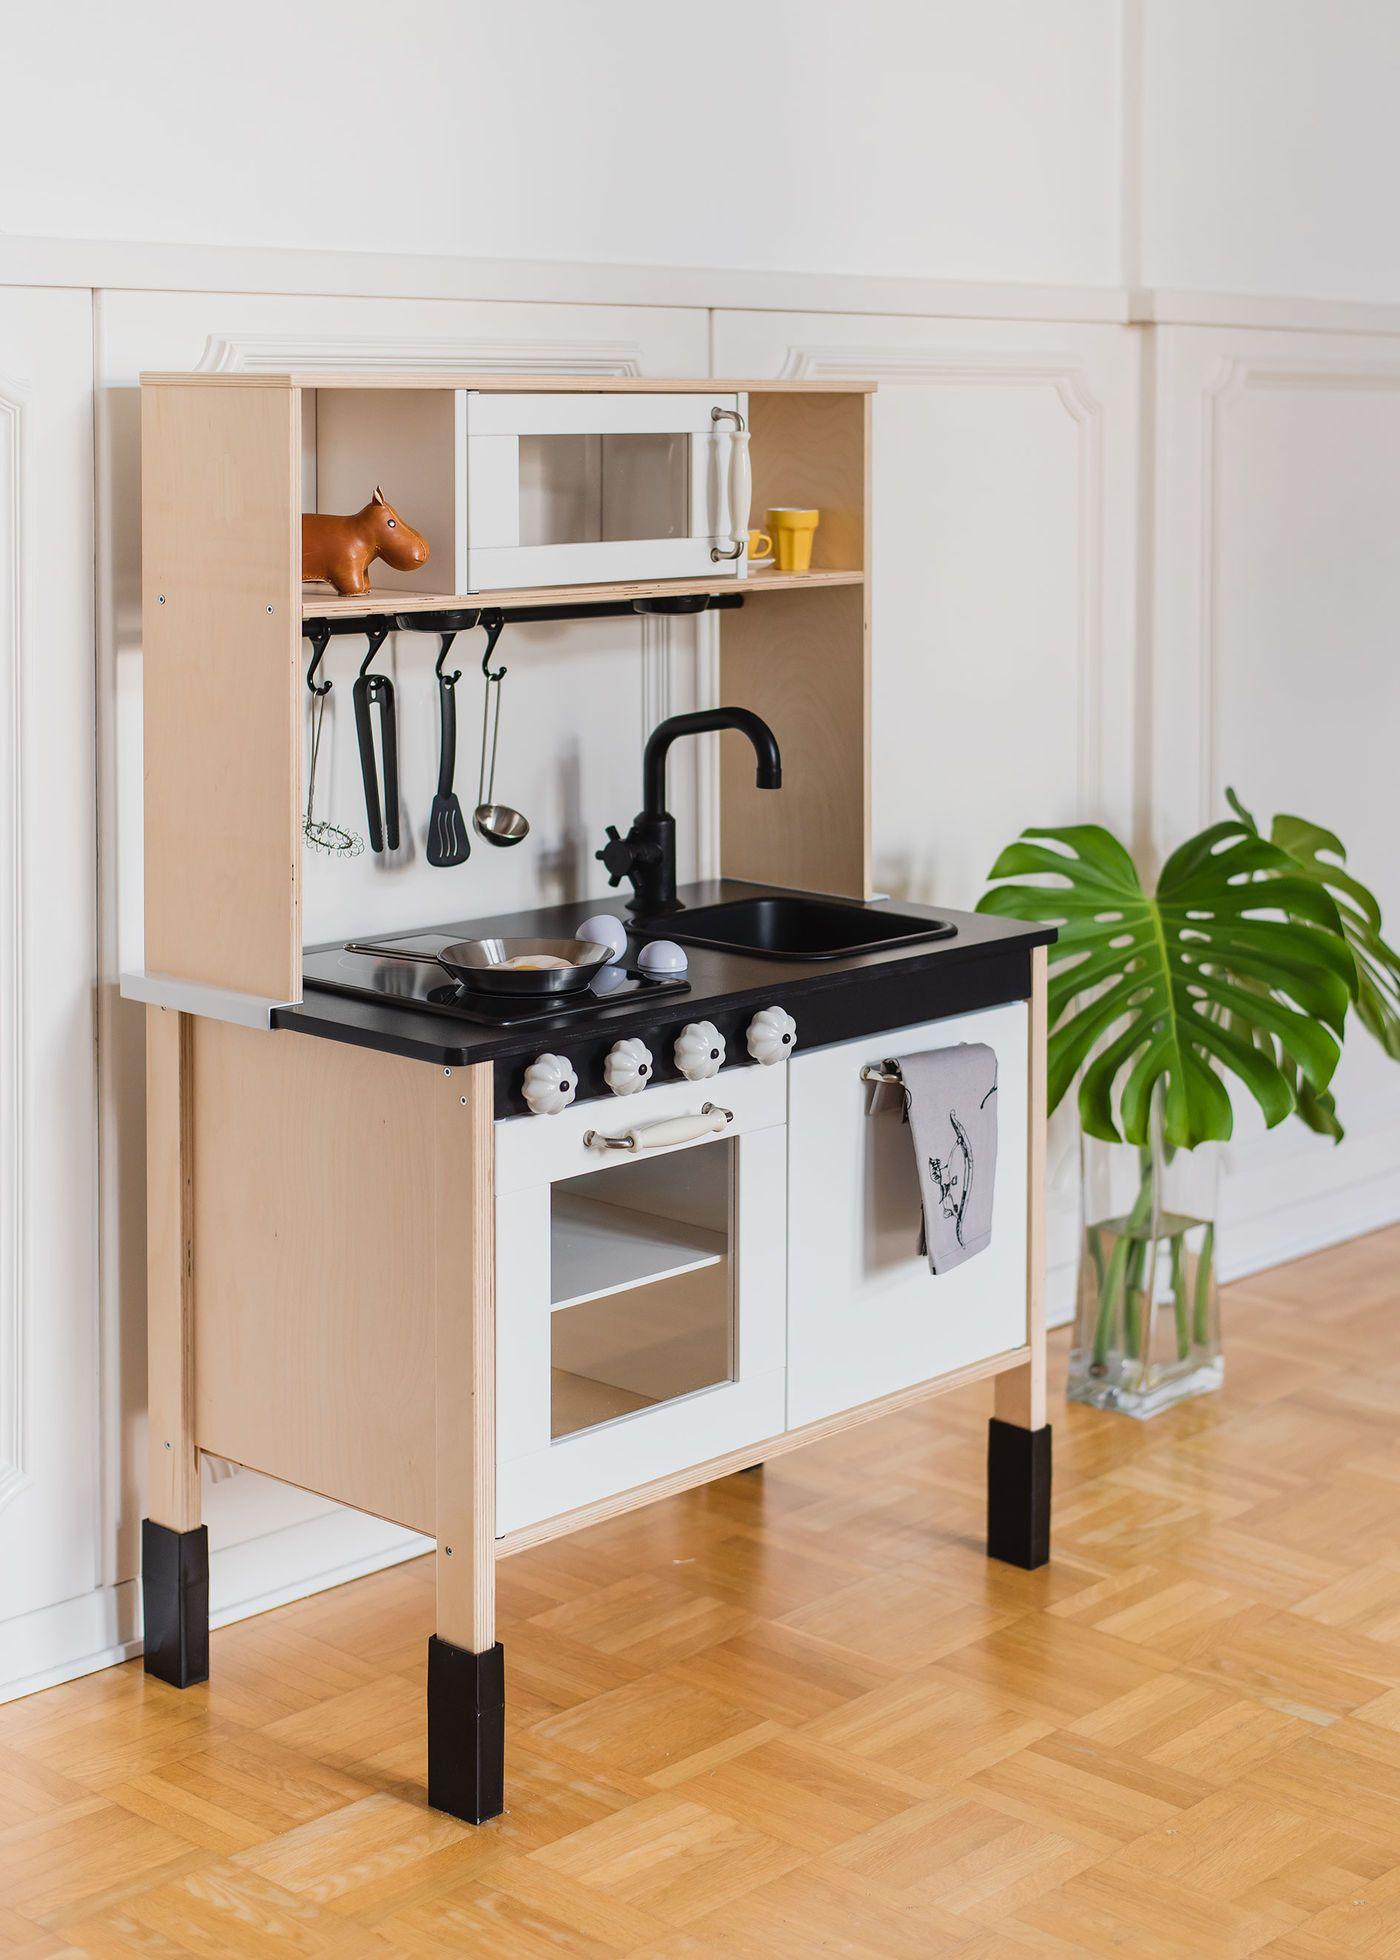 sch ne ideen f r kinderk chen und spielk chen seite 4. Black Bedroom Furniture Sets. Home Design Ideas